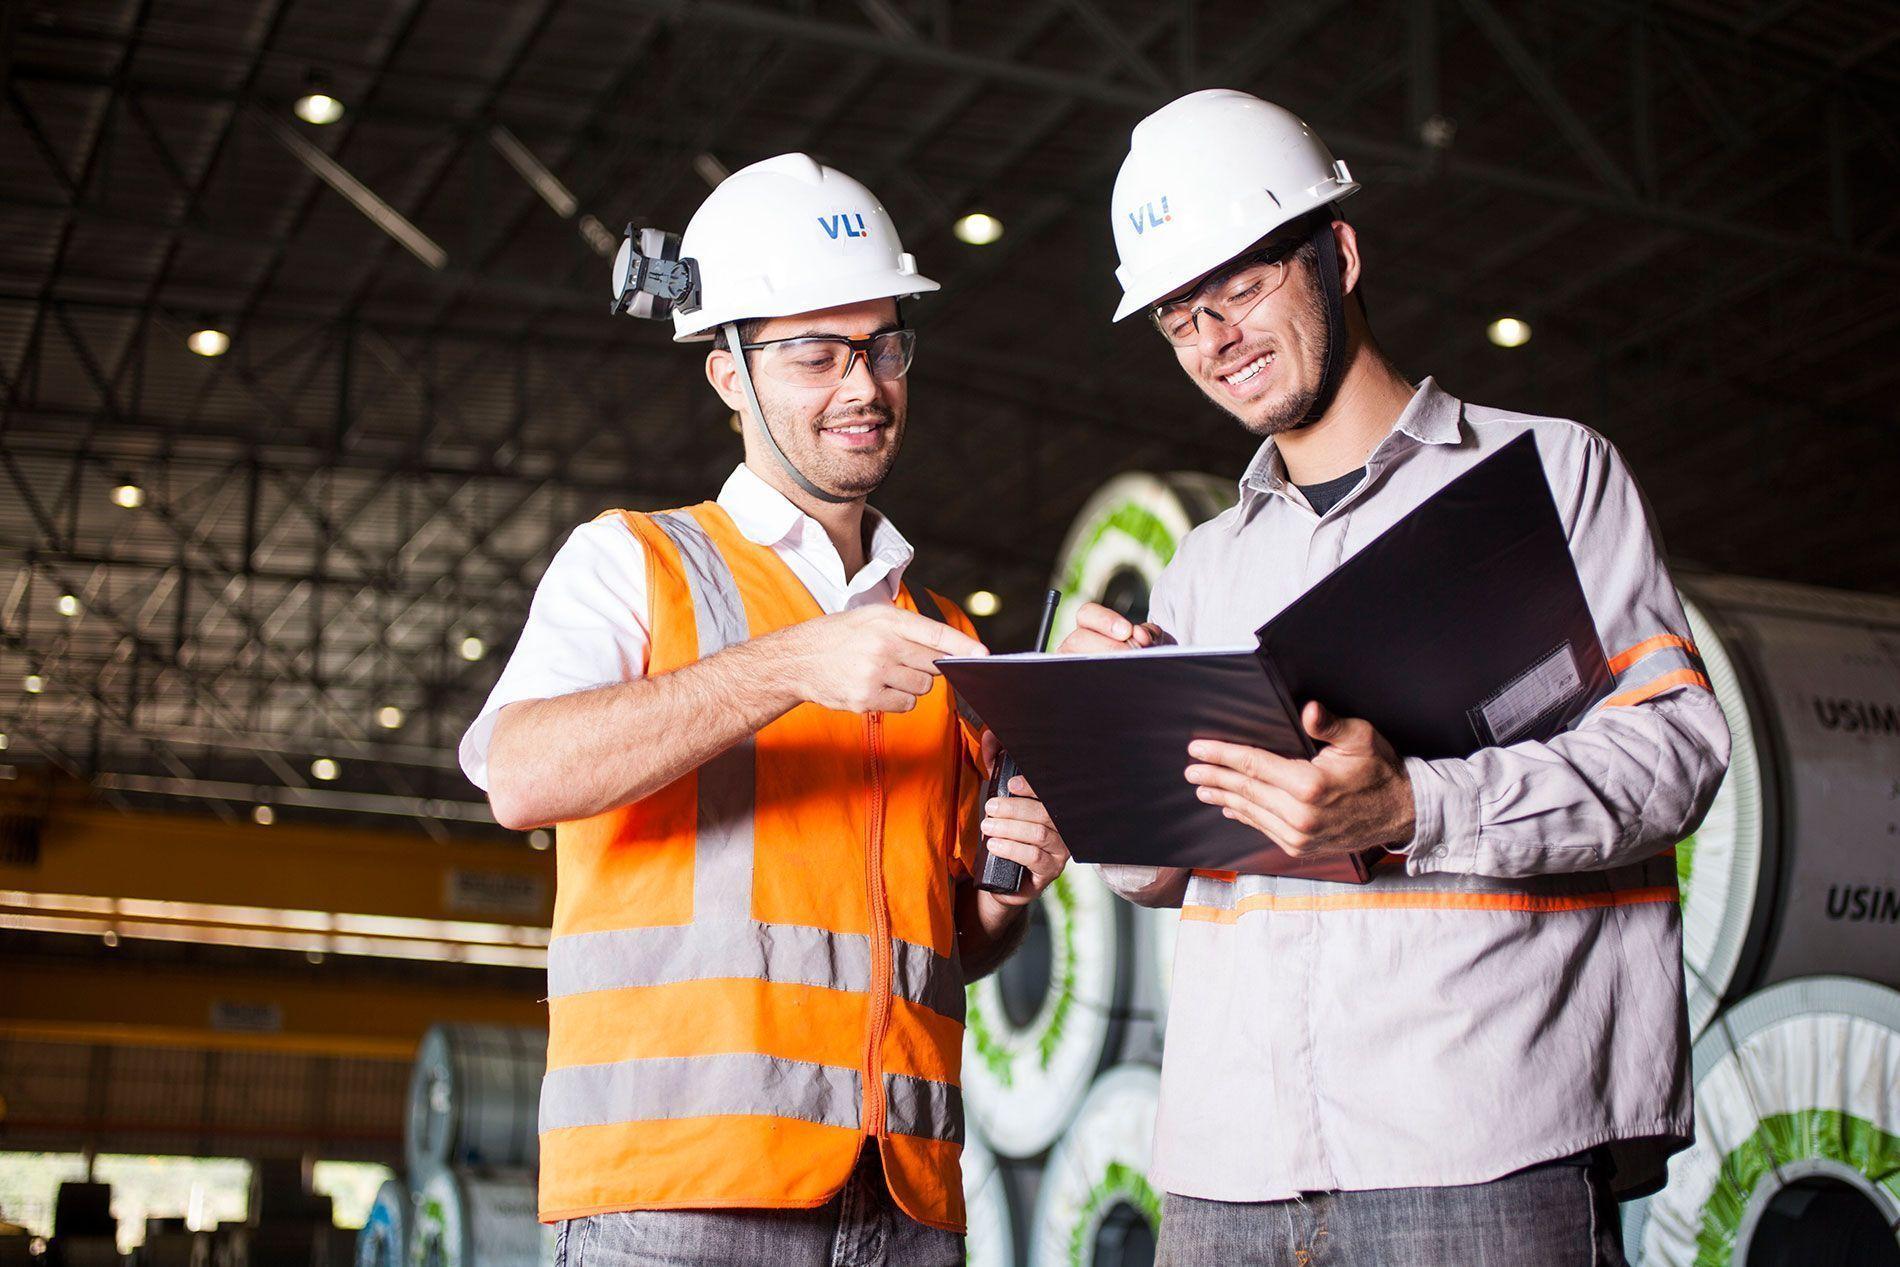 Empresa em soluções logísticas, disponibiliza oportunidades de emprego